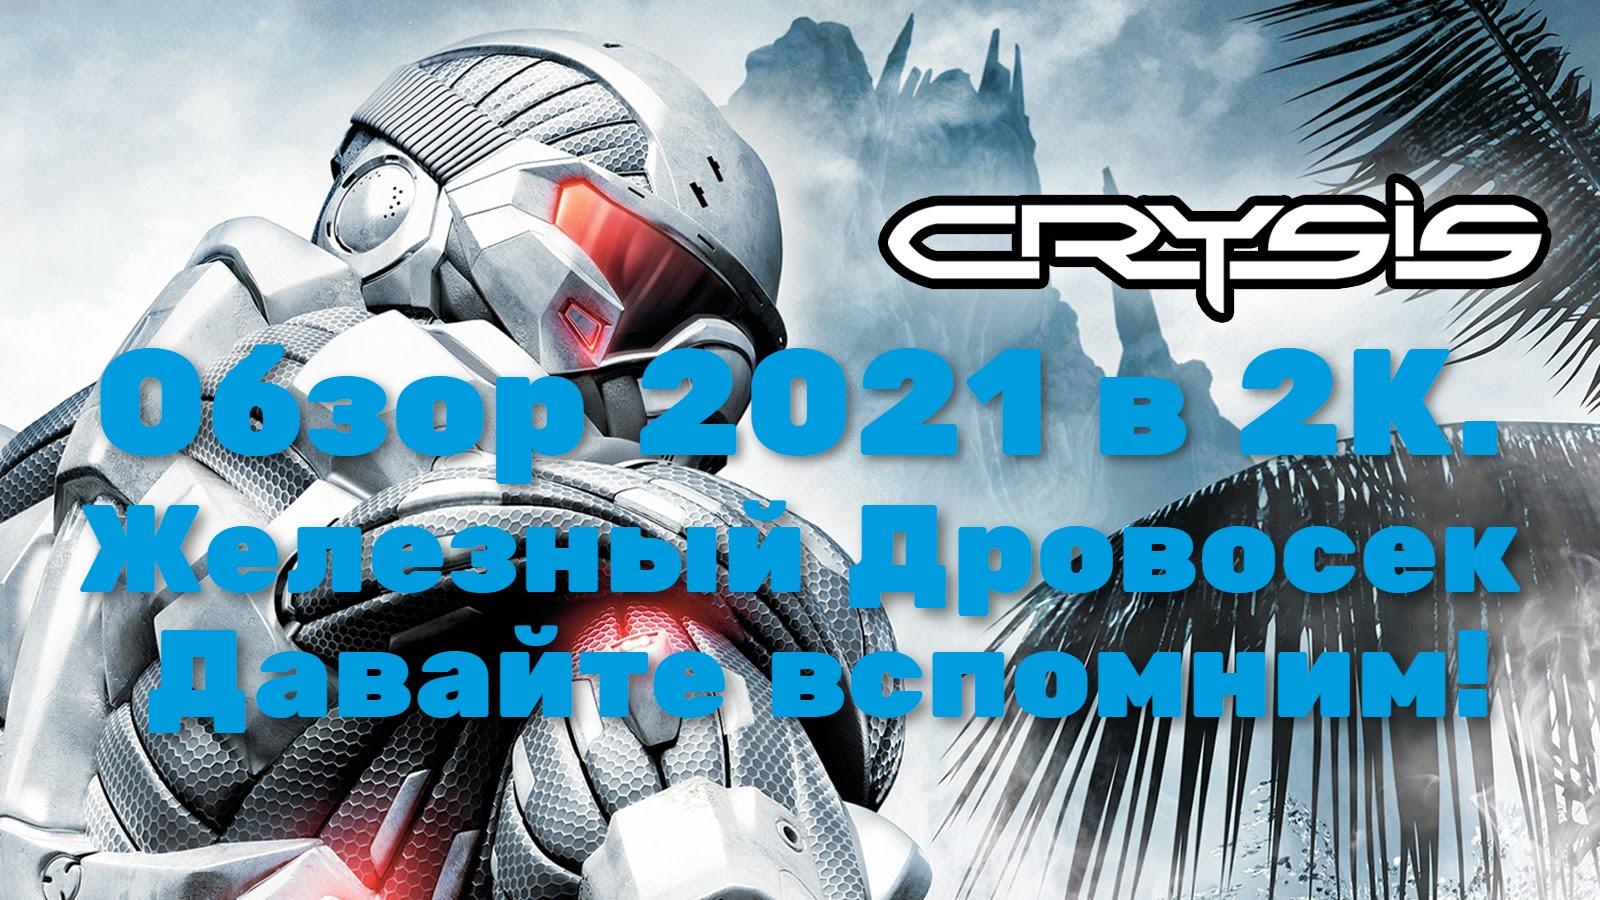 Crysis Remastered Обзор 2021 в 2К. Железный Дровосек! Часть 5